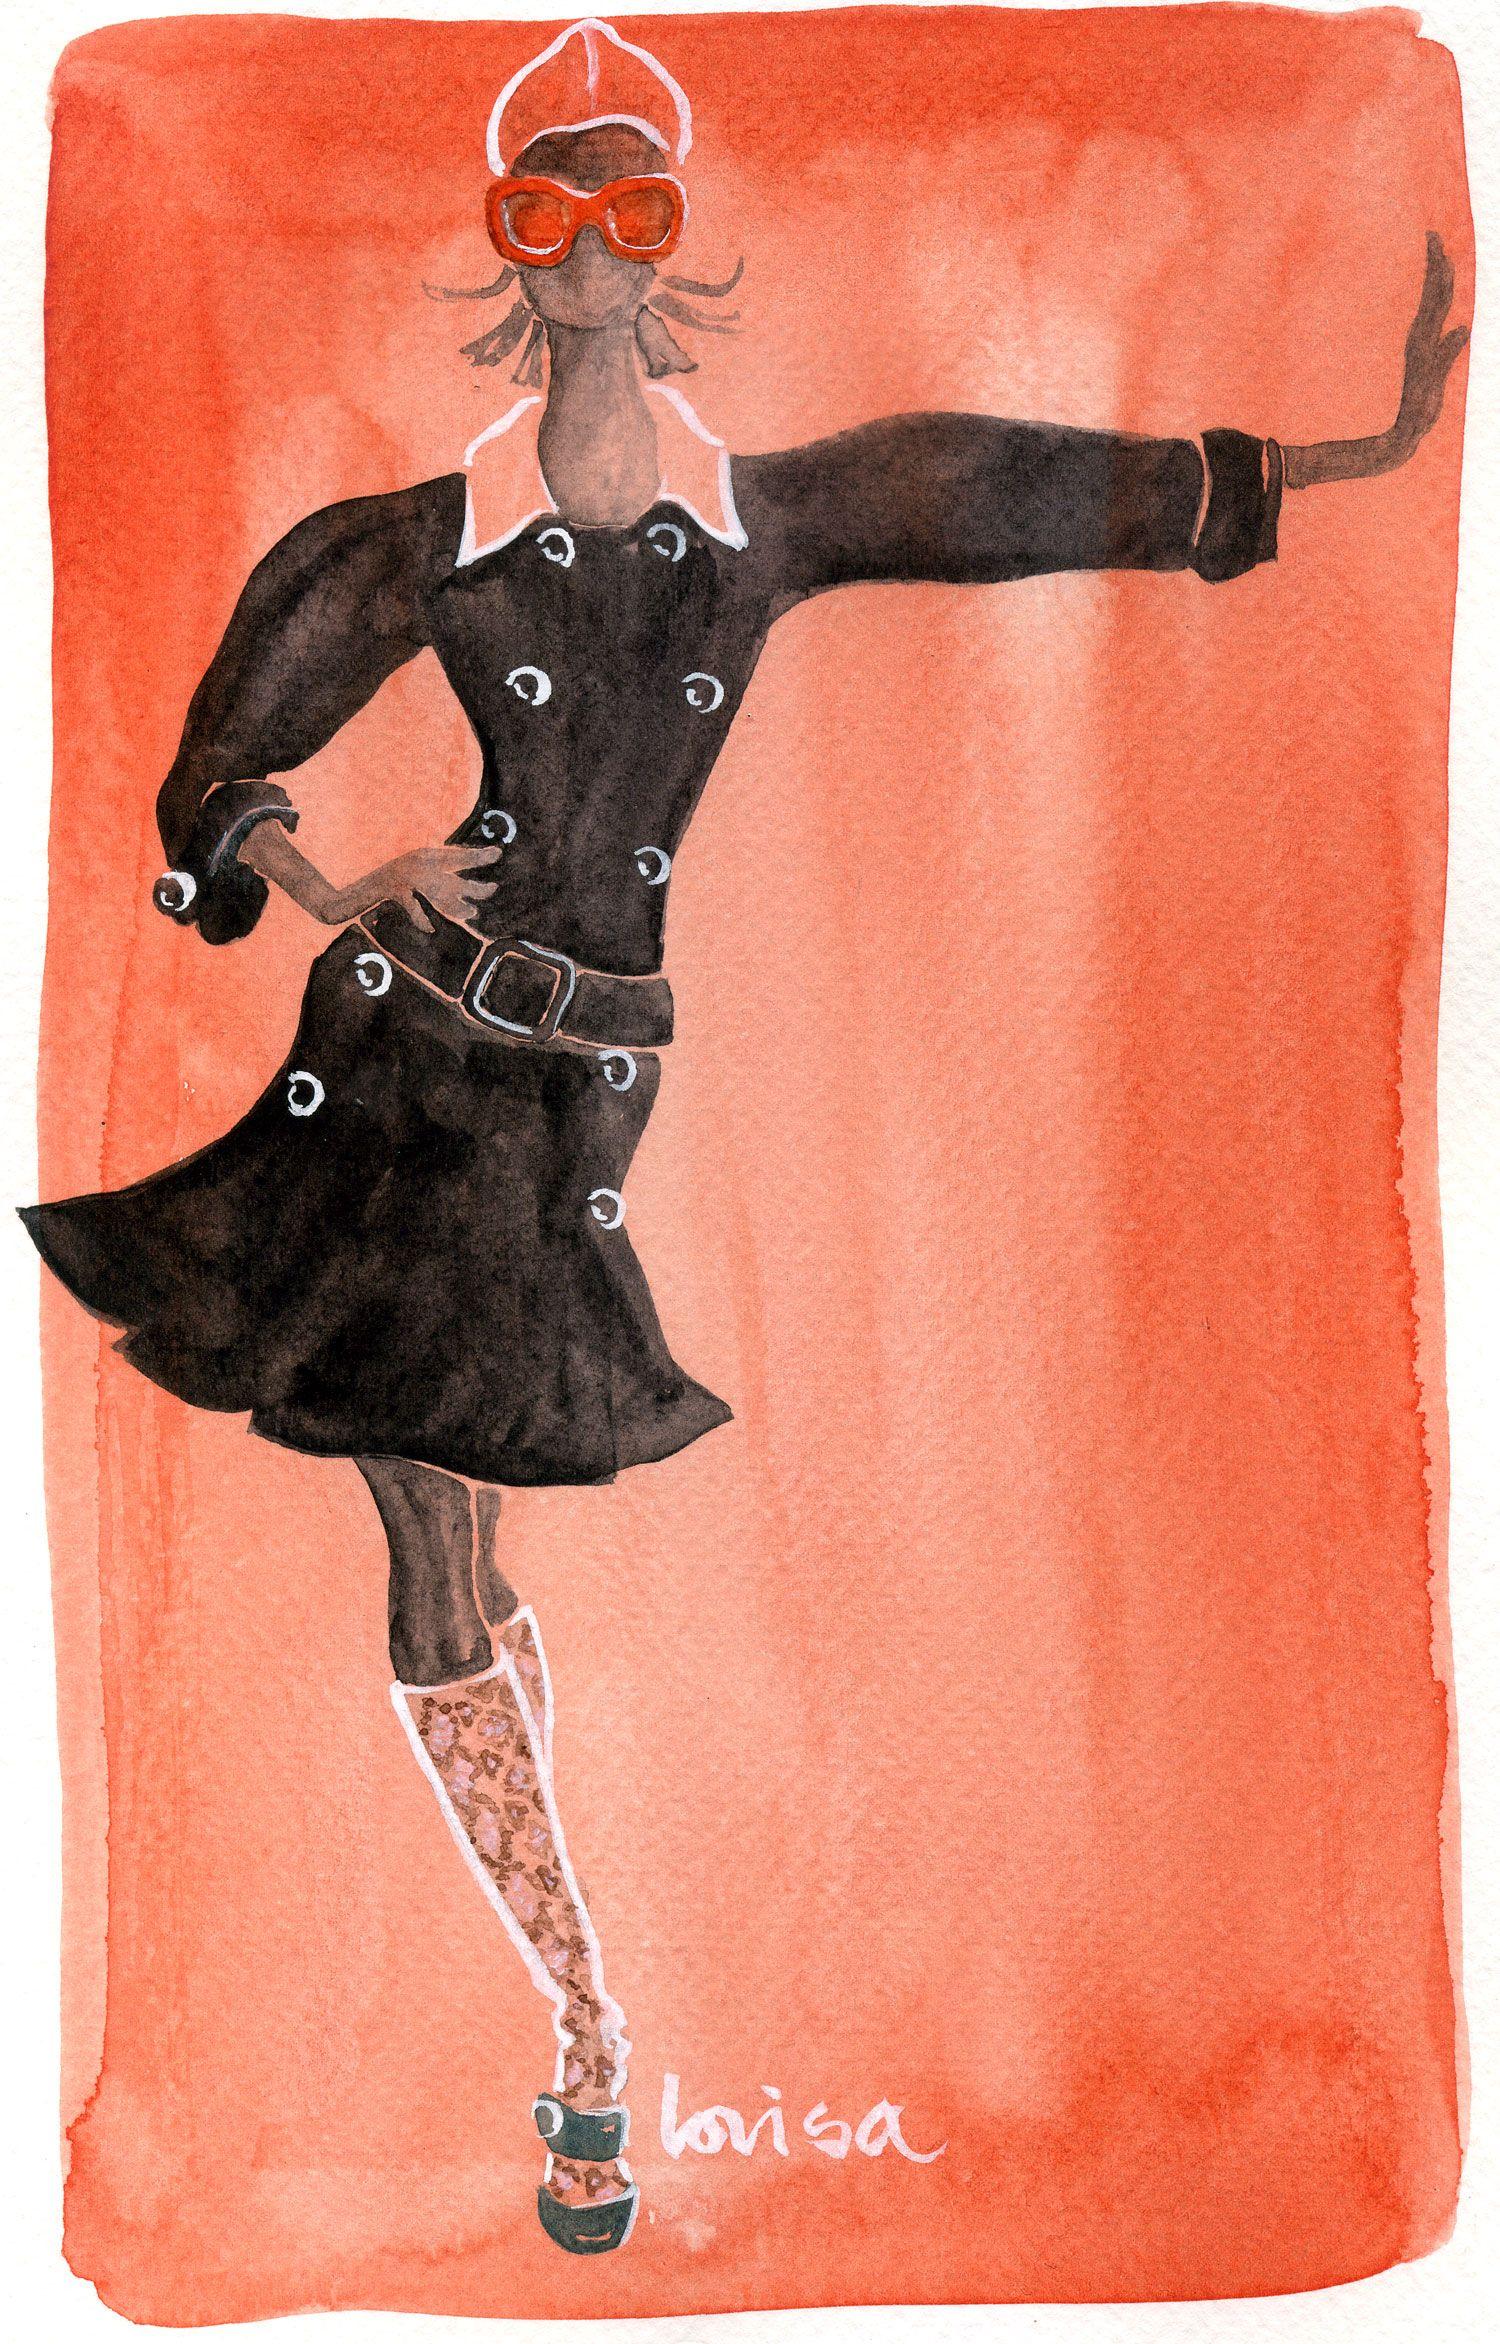 Prada 2010 Artist Lovisa Oliv www.lovisaoliv.com